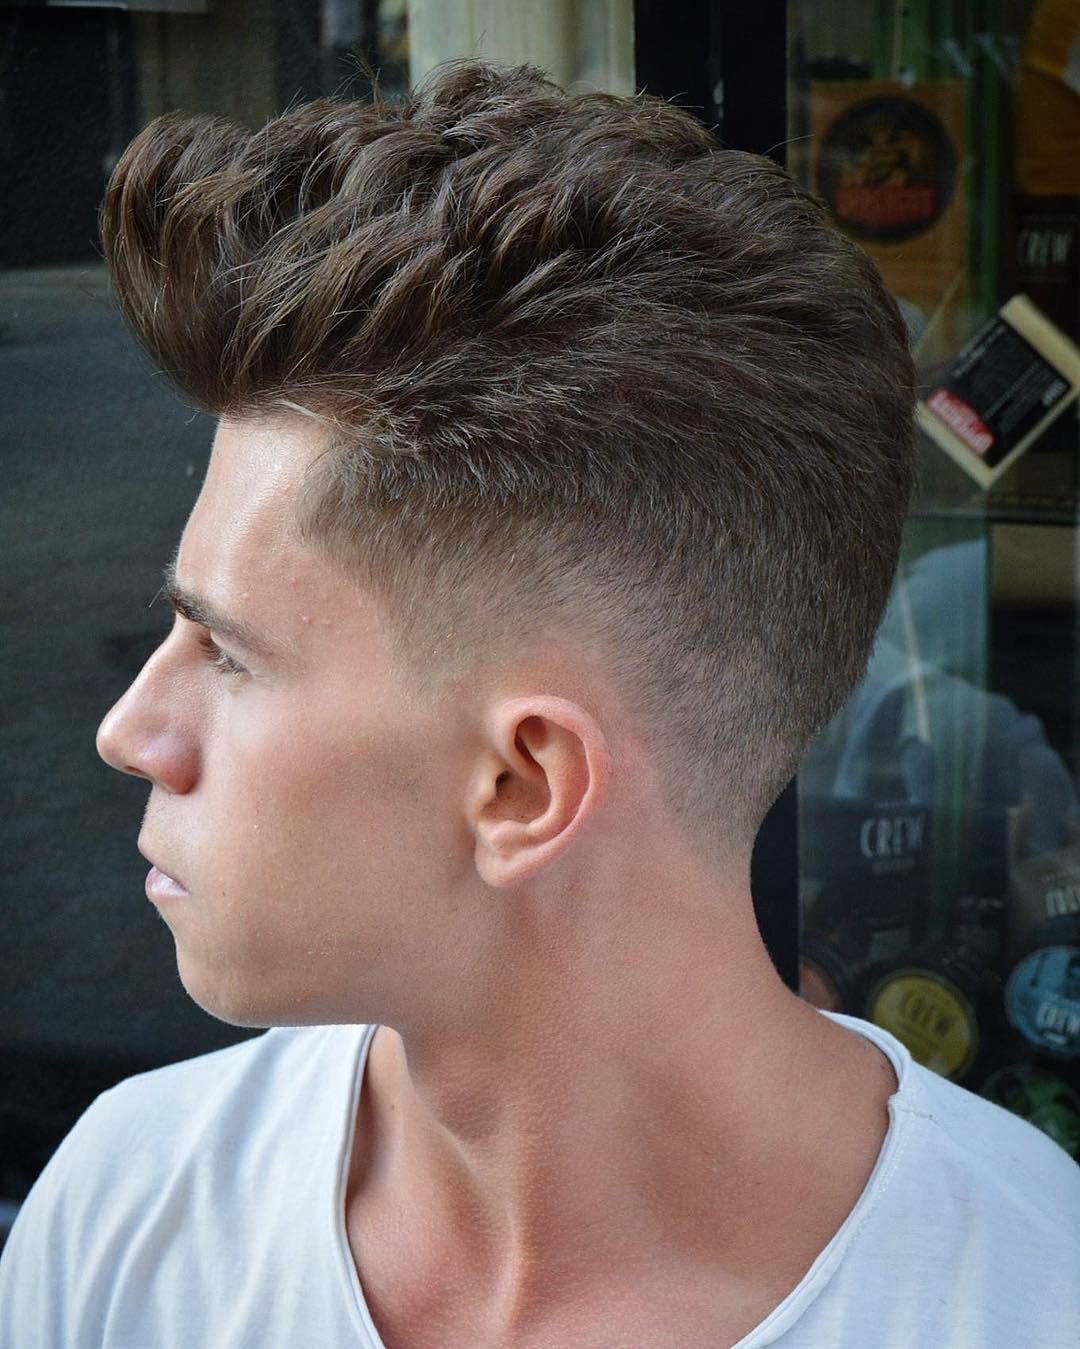 100 coupes de cheveux les plus populaires pour les hommes pour 2020 5f3f75fd8edcc - 100+ coupes de cheveux les plus populaires pour les hommes pour 2020